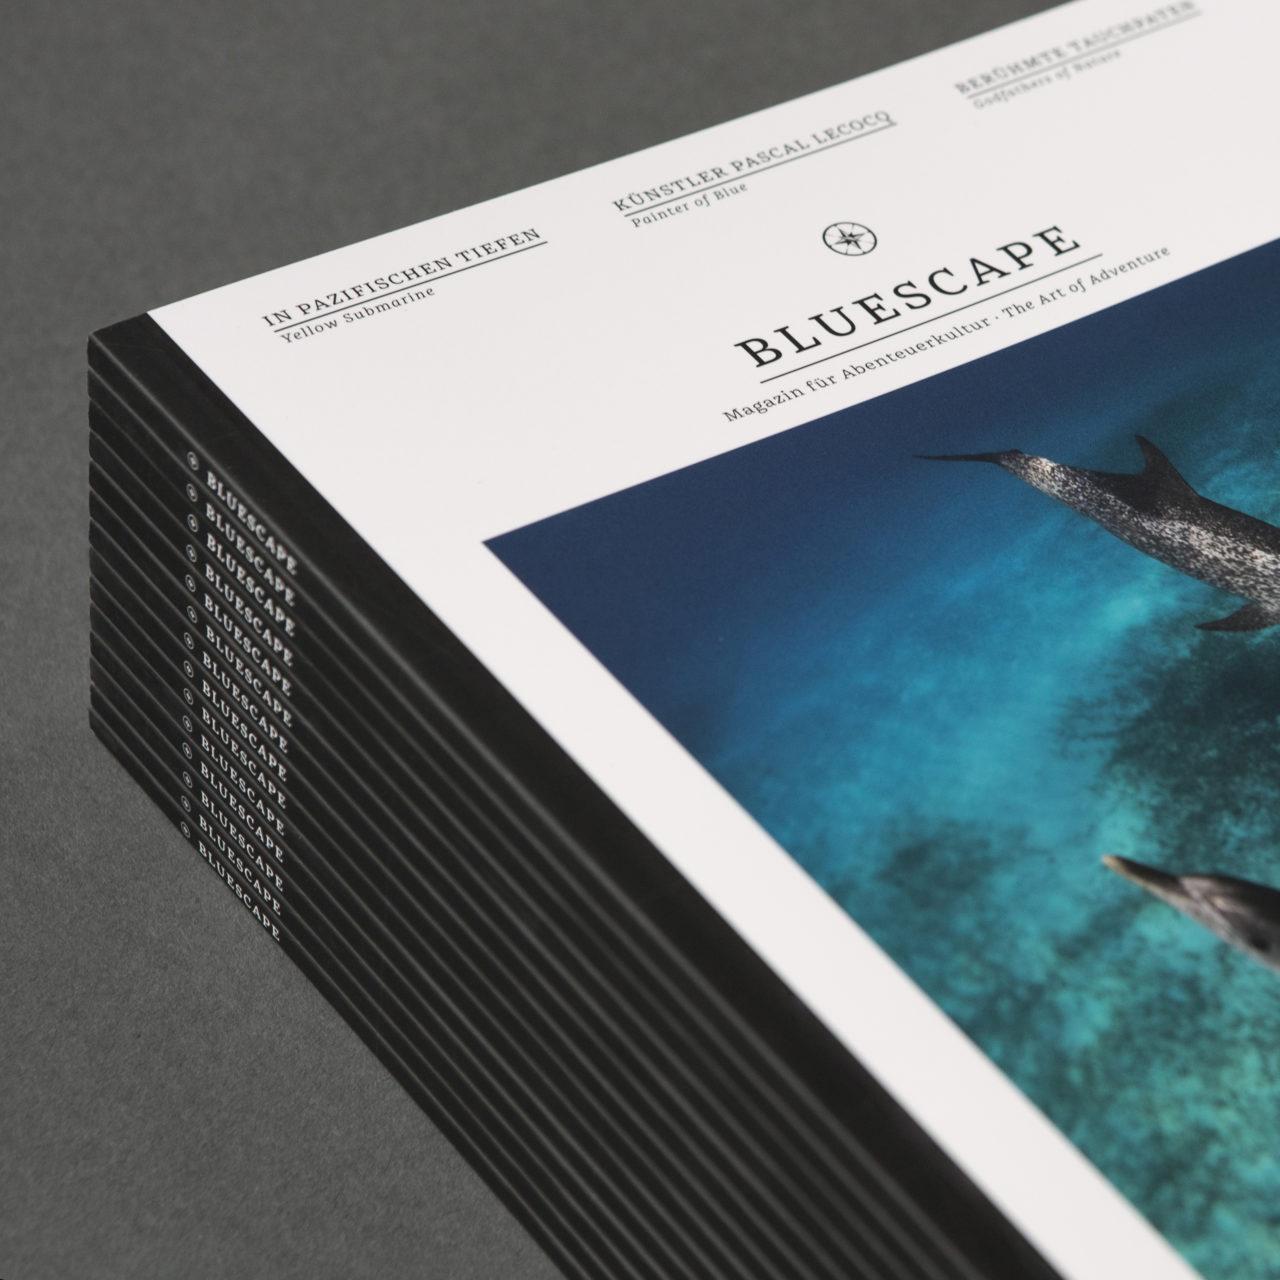 Bluescape Ausgabe 1 Stapel